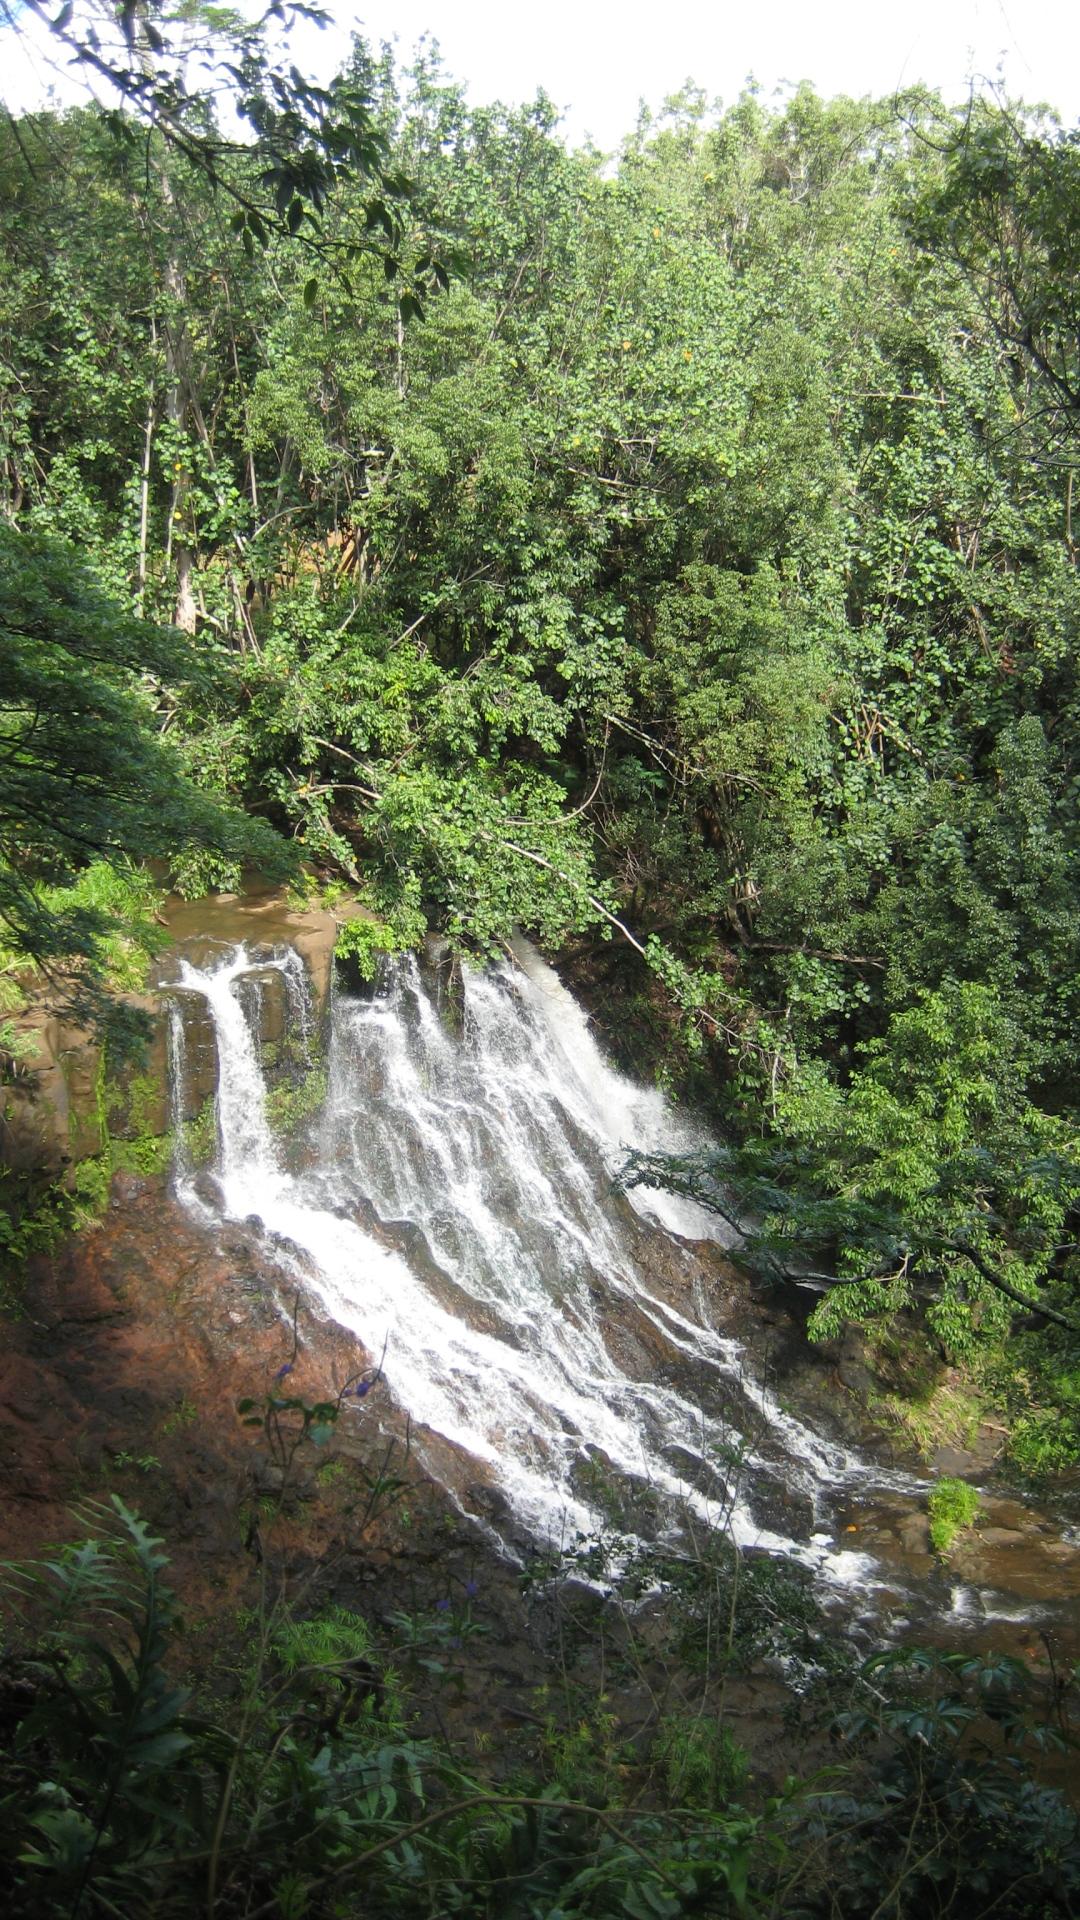 Kauai Water Falls